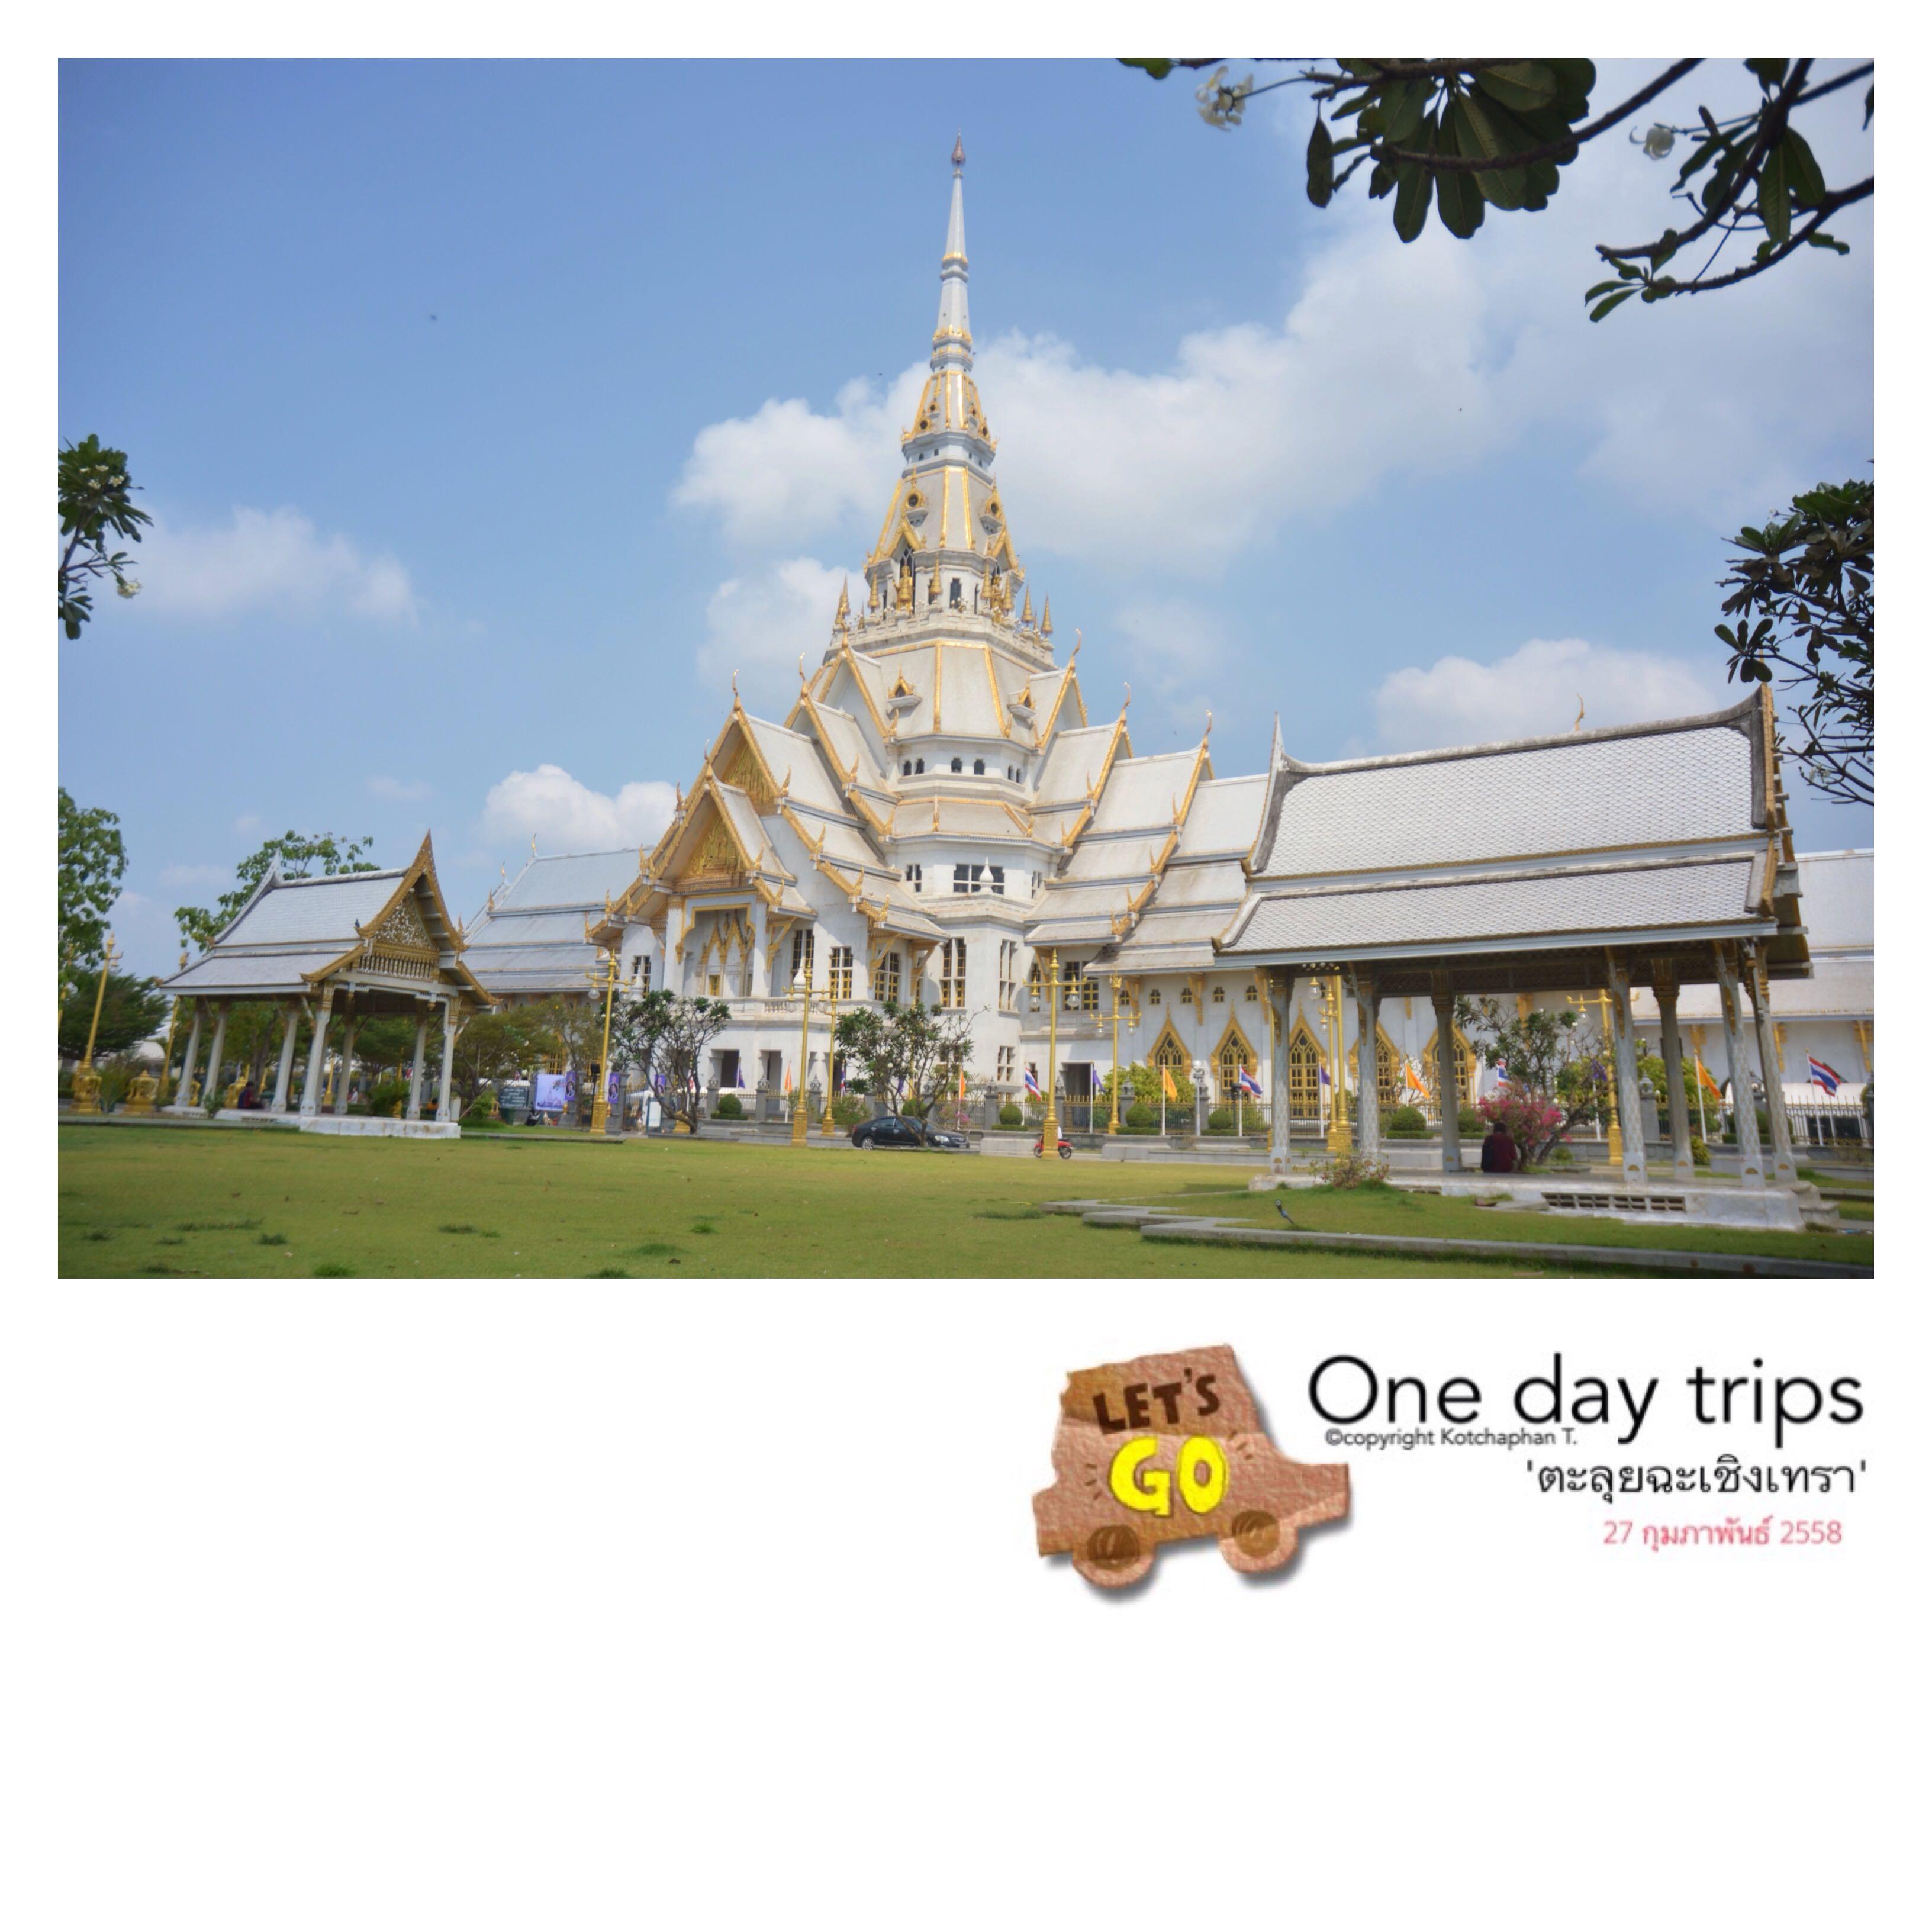 ฉะเชิงเทรา การเดินทางขับรถจากกรุงเทพฯ (มีนบุรี) มาตาม ถ.สุวินทวงค์  ระยะทางเพียง 50 กิโลเมตร ก็ถึง จ.ฉะเชิงเทรา ใช้เวลาประมาณ 45 นาทีก็ถึง